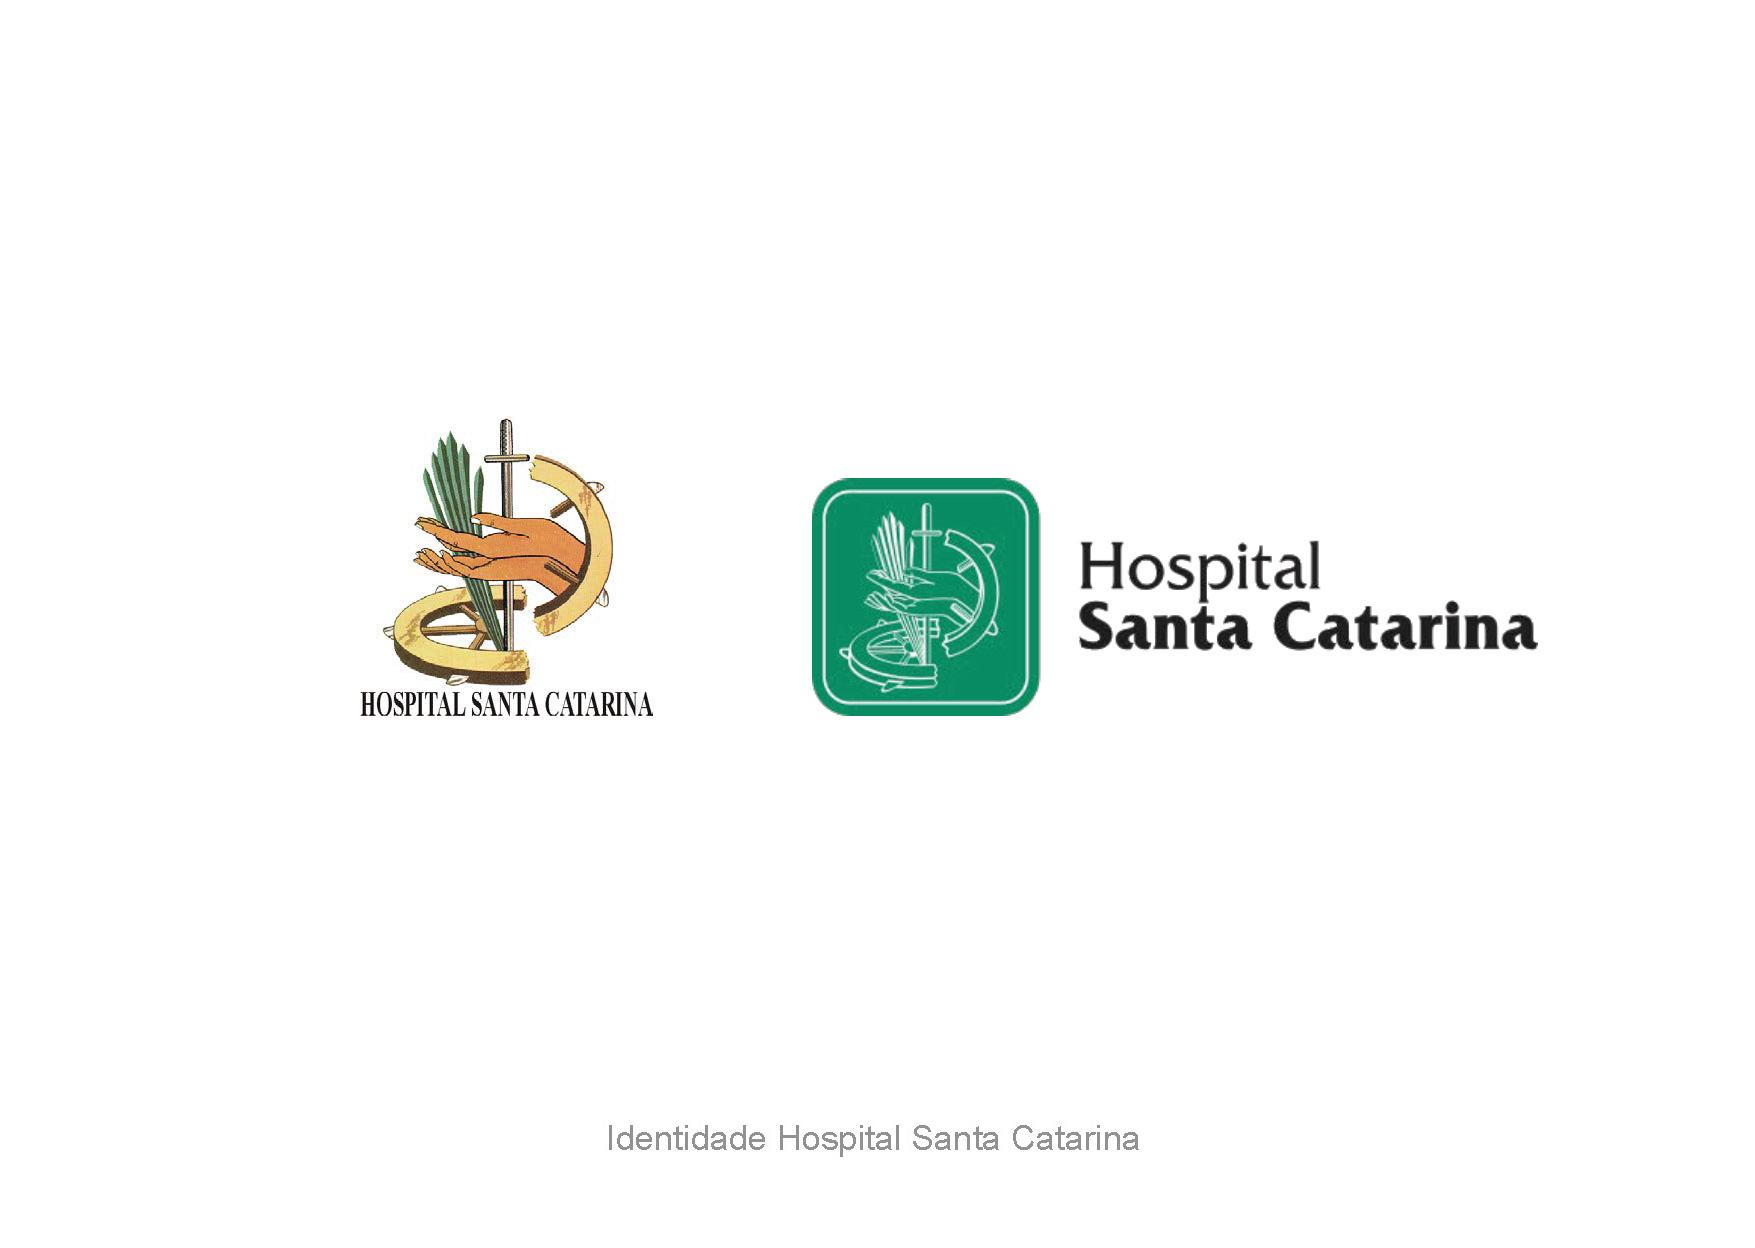 Logotipo Hospital Santa Catarina